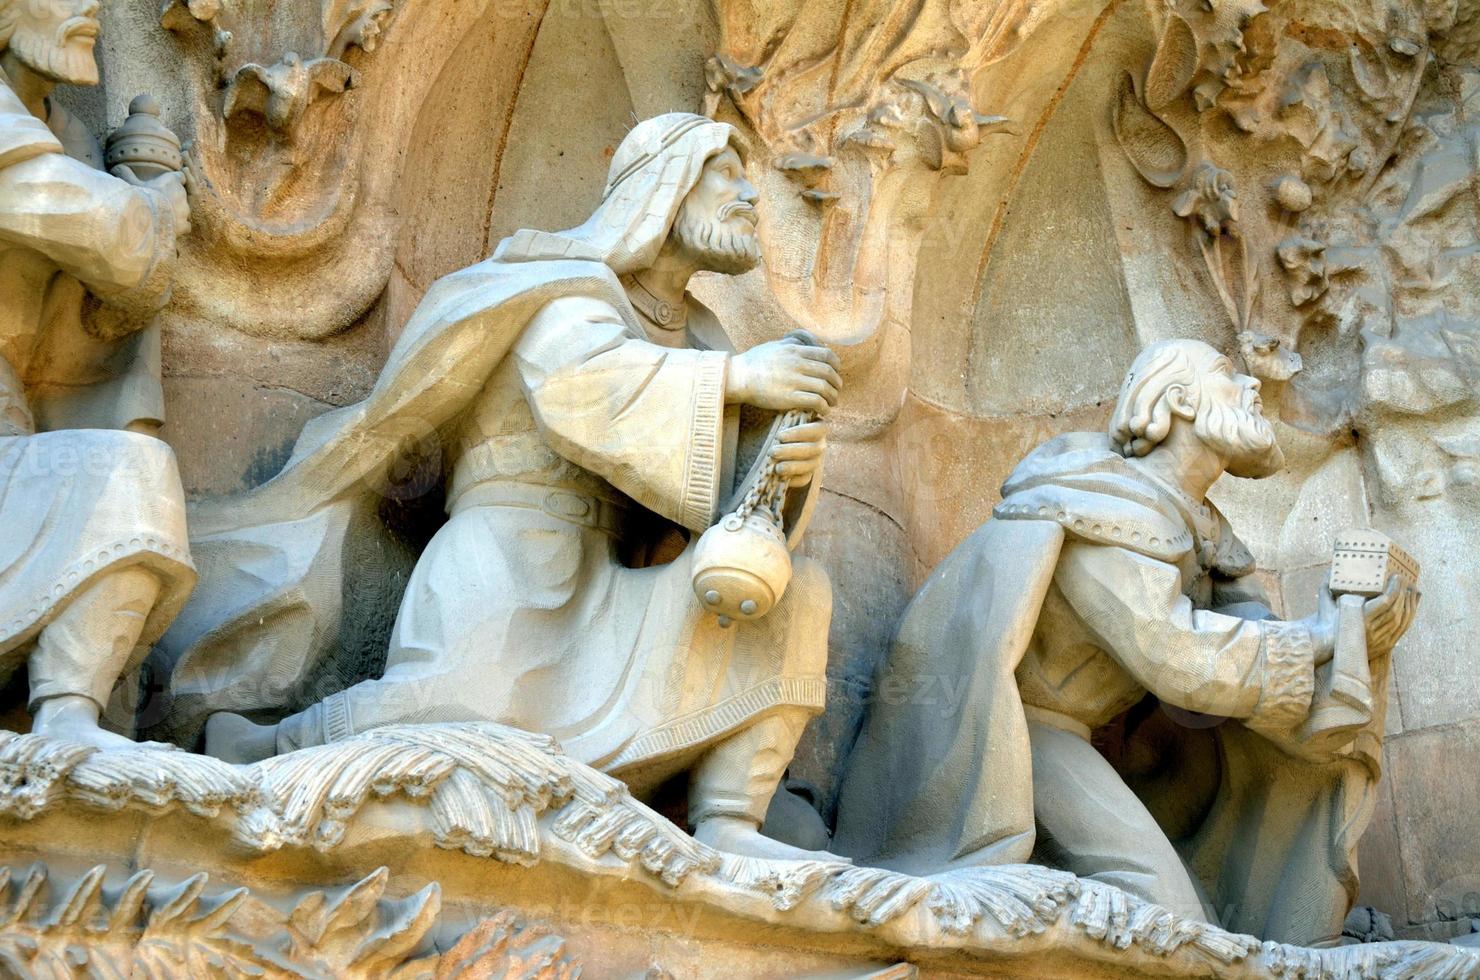 Krippenfassade des Sagrada Familia Tempels foto